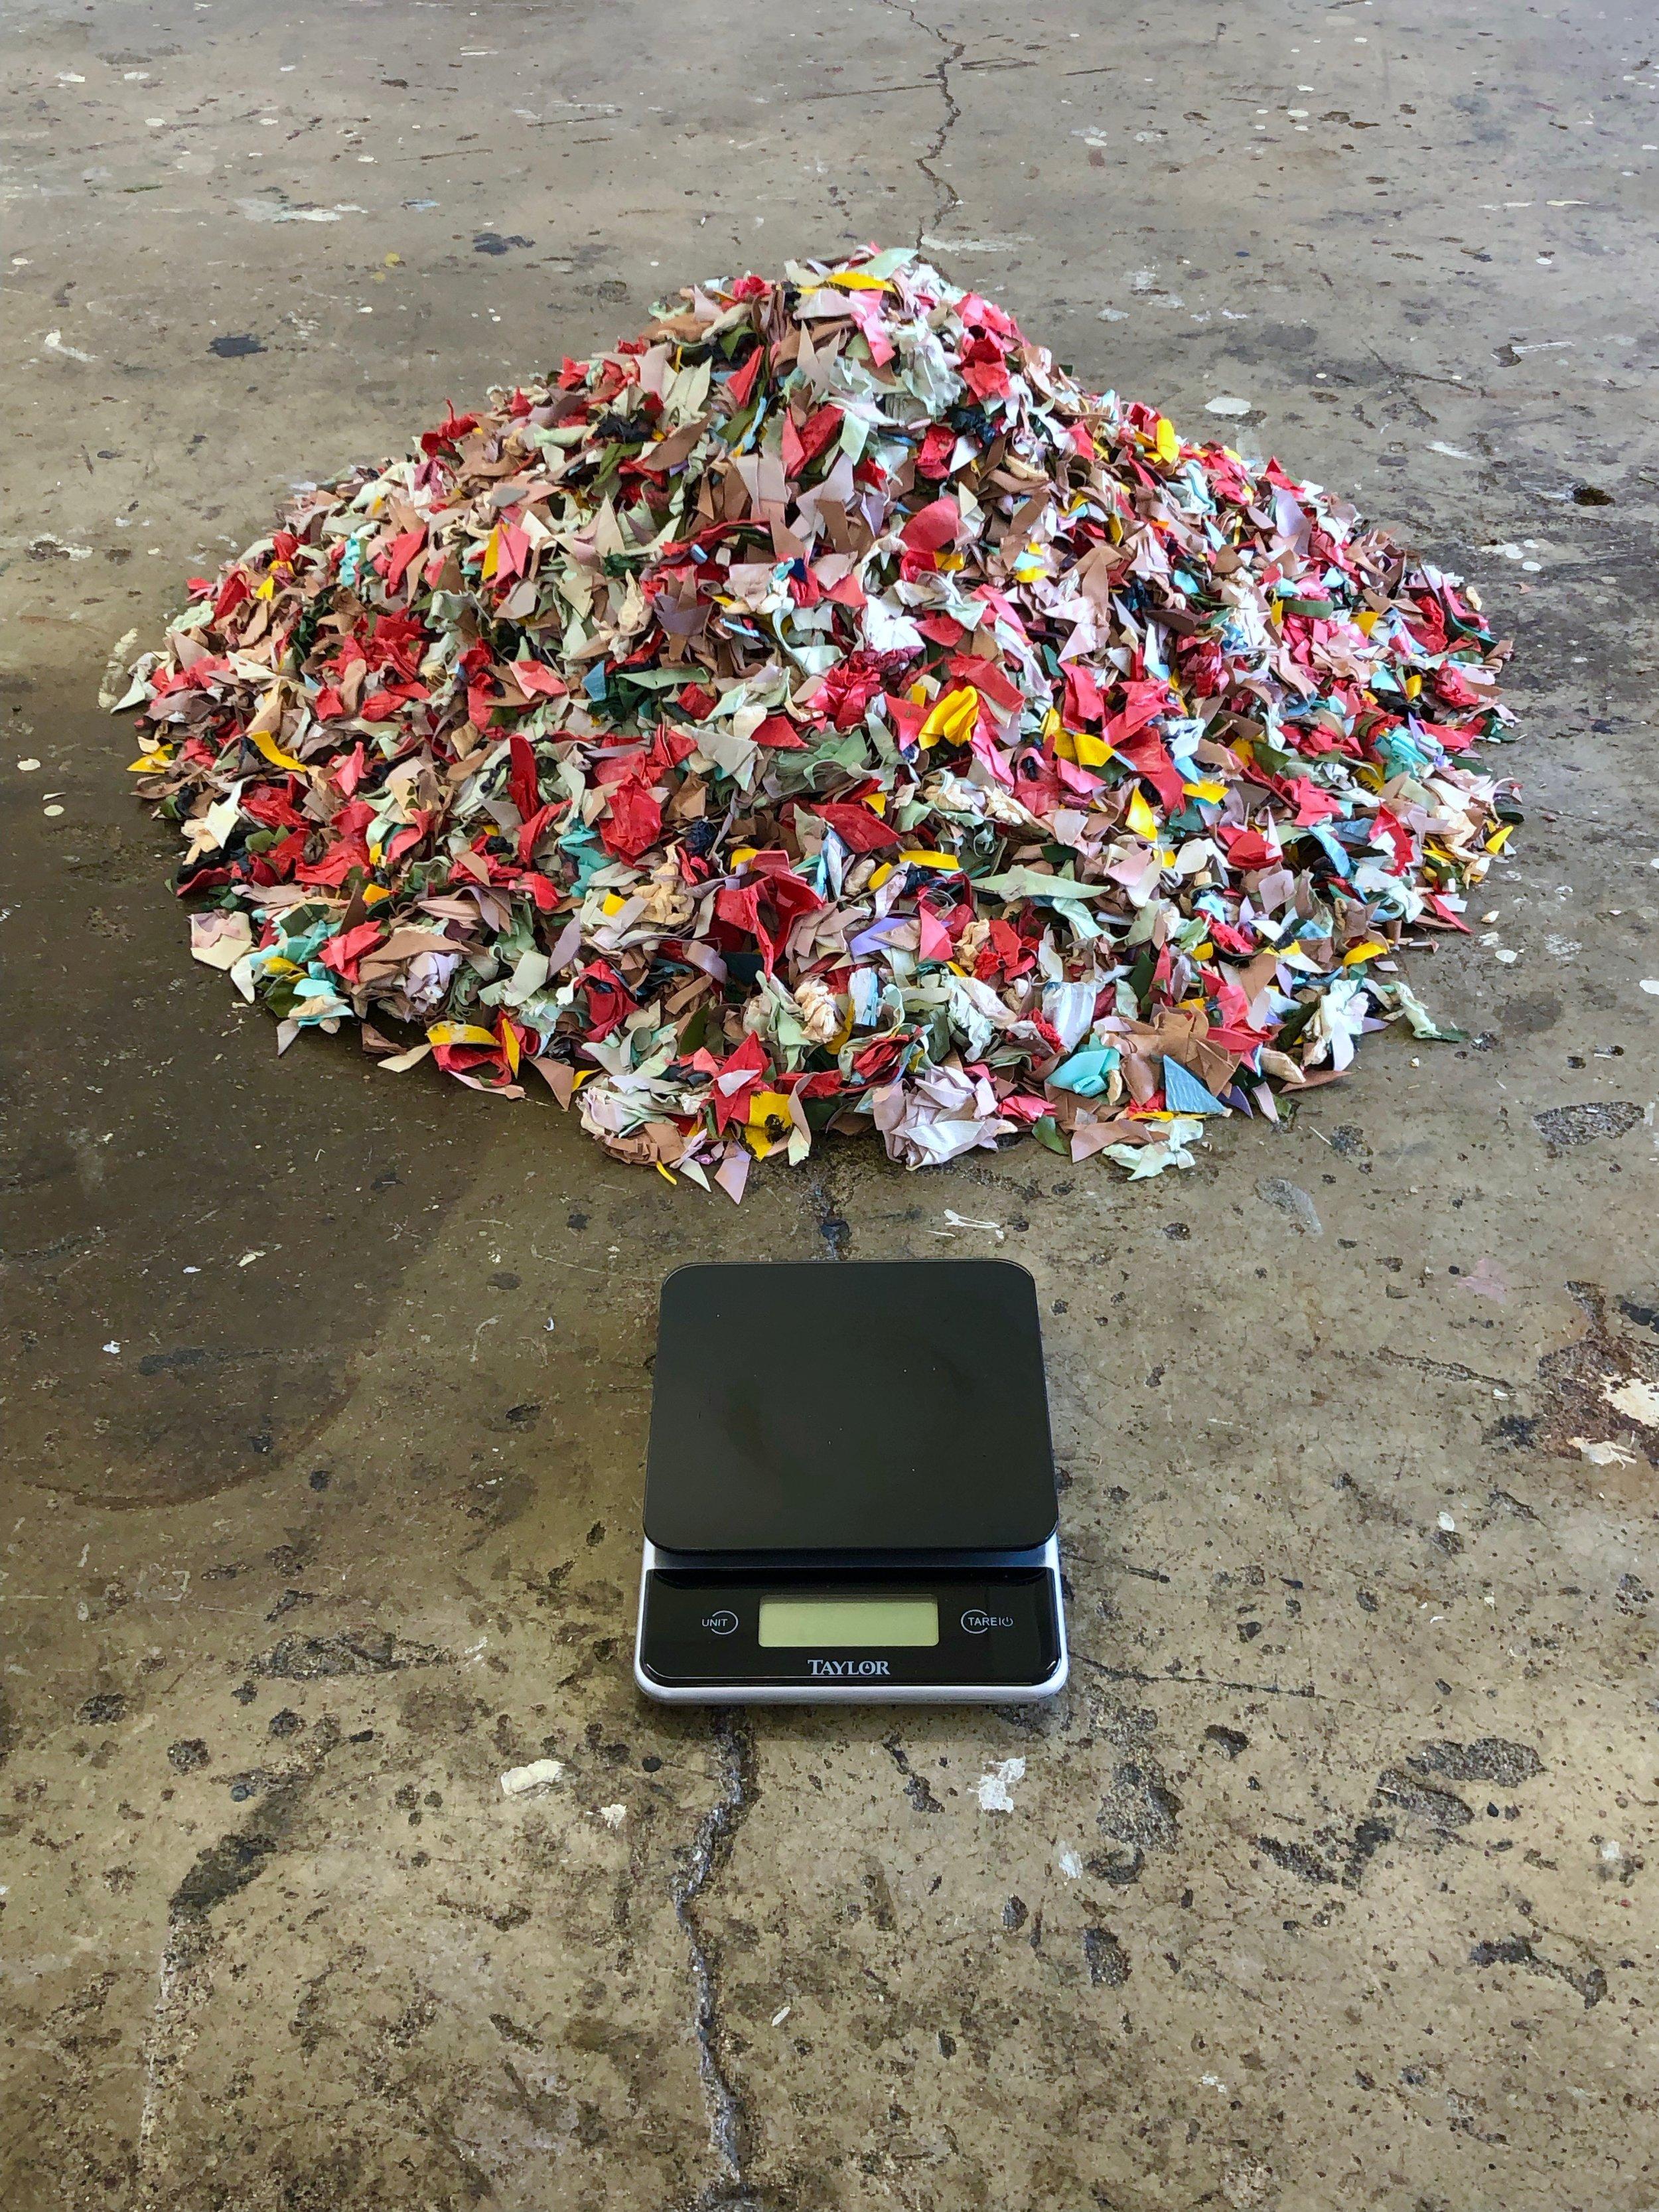 Introduction to a Pile of Confetti, 2018, Natalia DaSilva